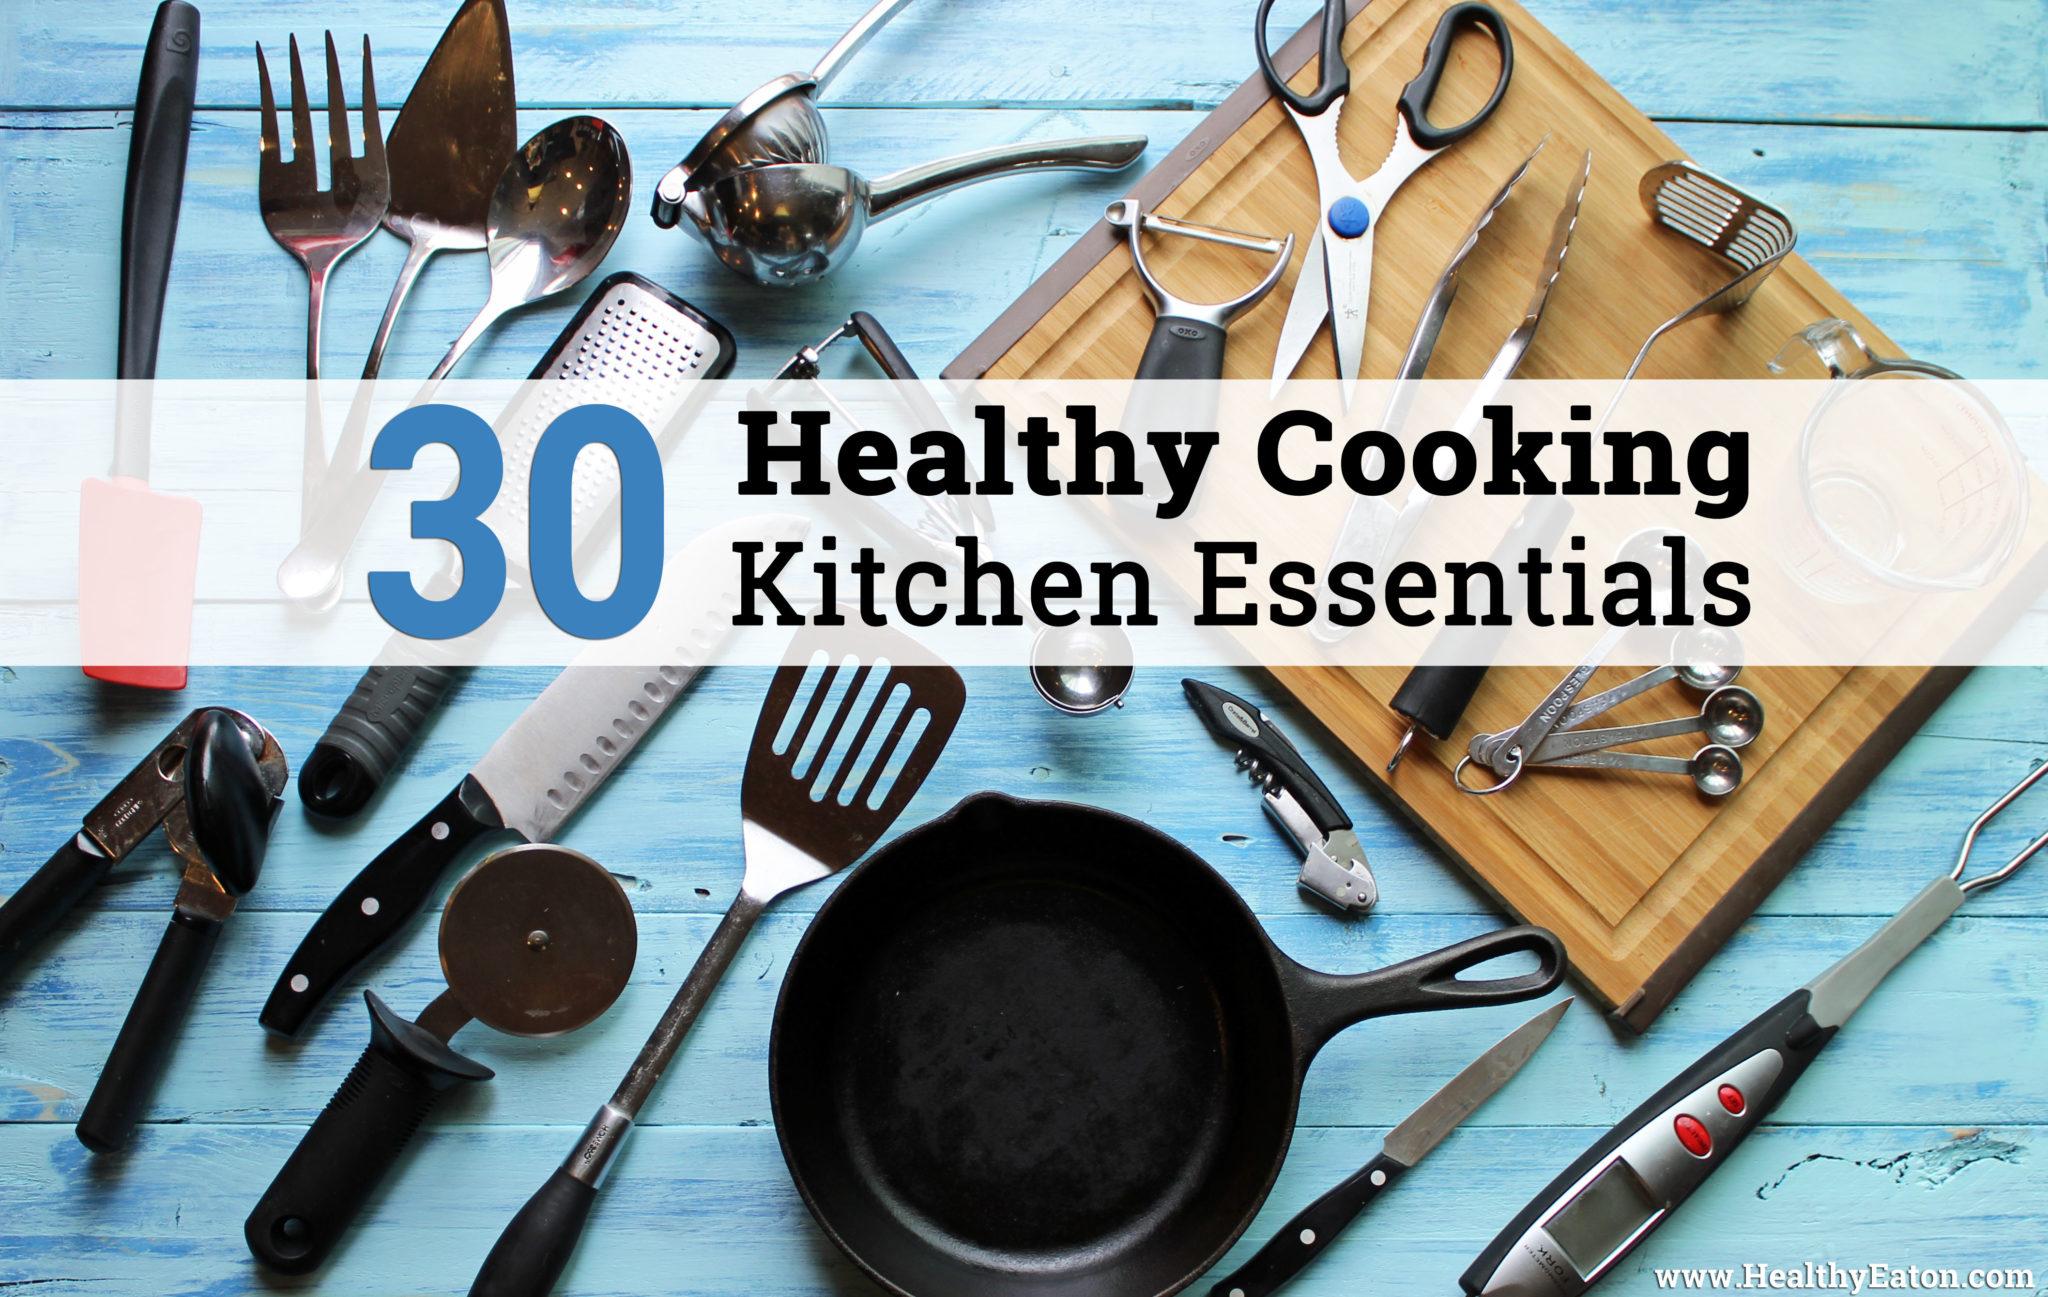 30 Healthy Cooking Kitchen Essentials